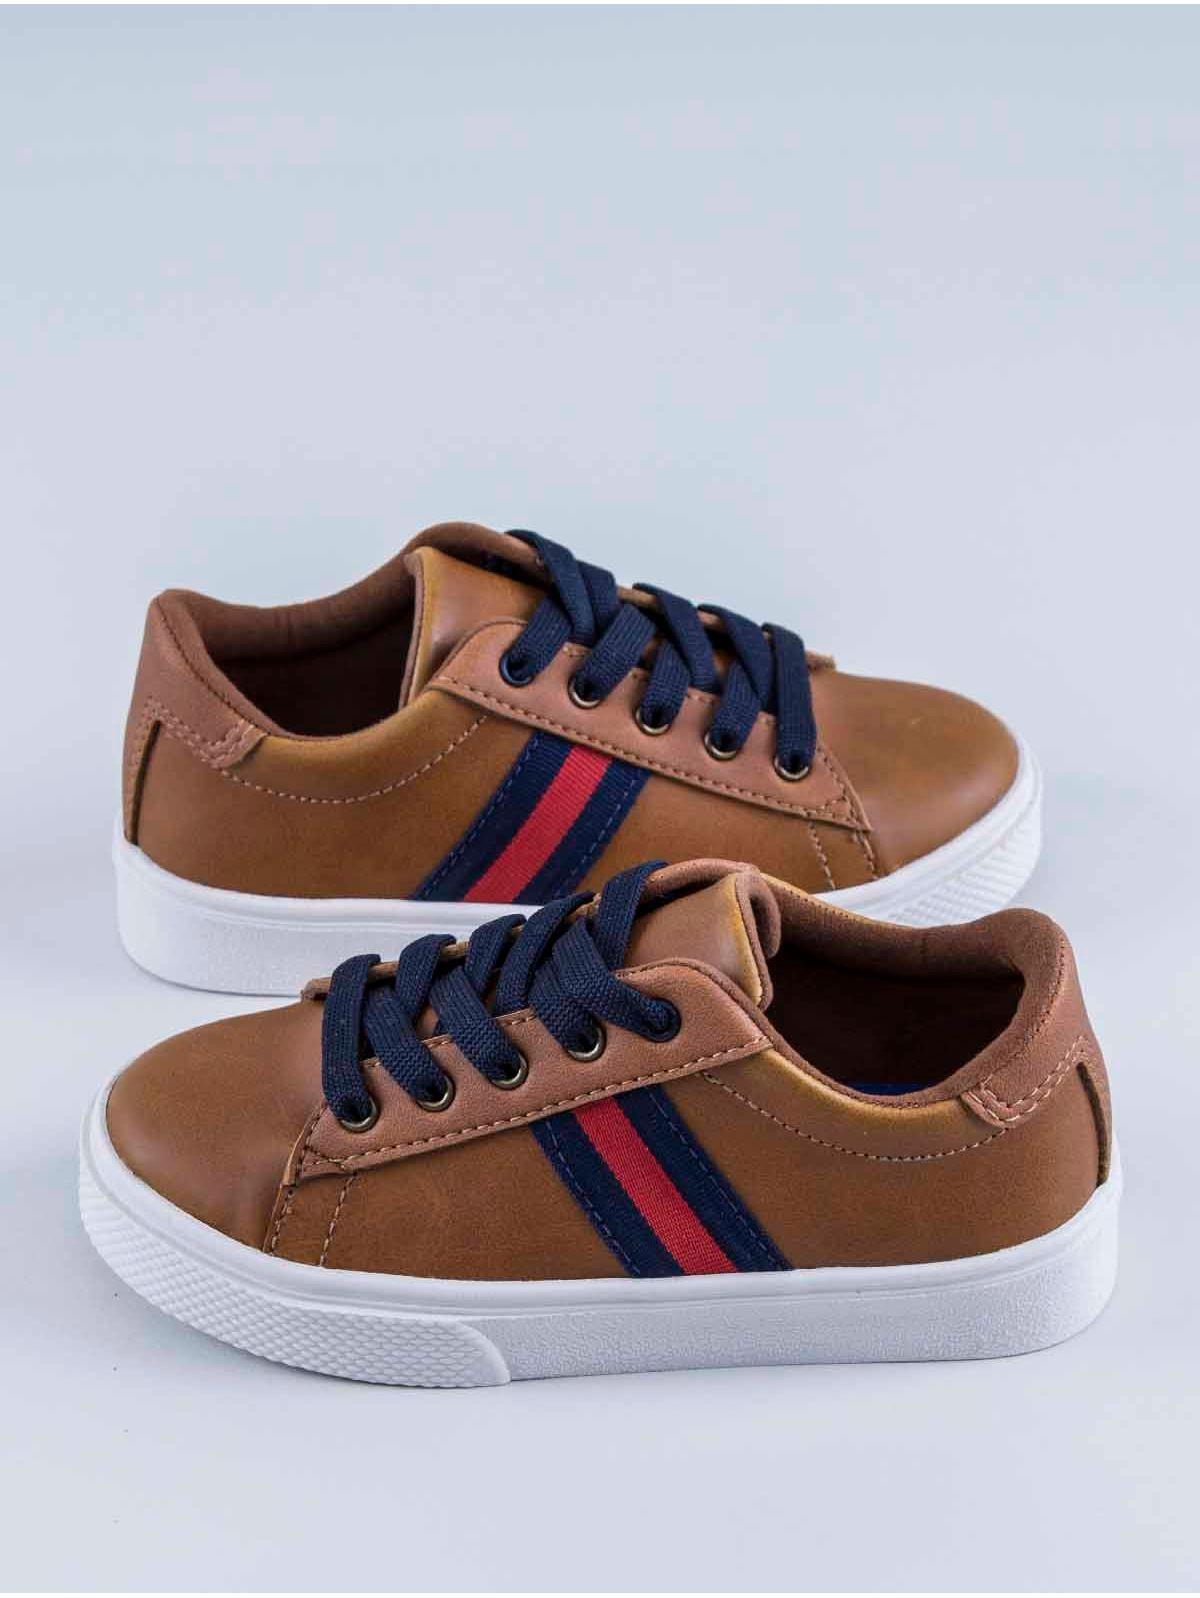 06ada3138e5 Zapato para Niño con Texturas con Cordones 06516 - Arturo Calle